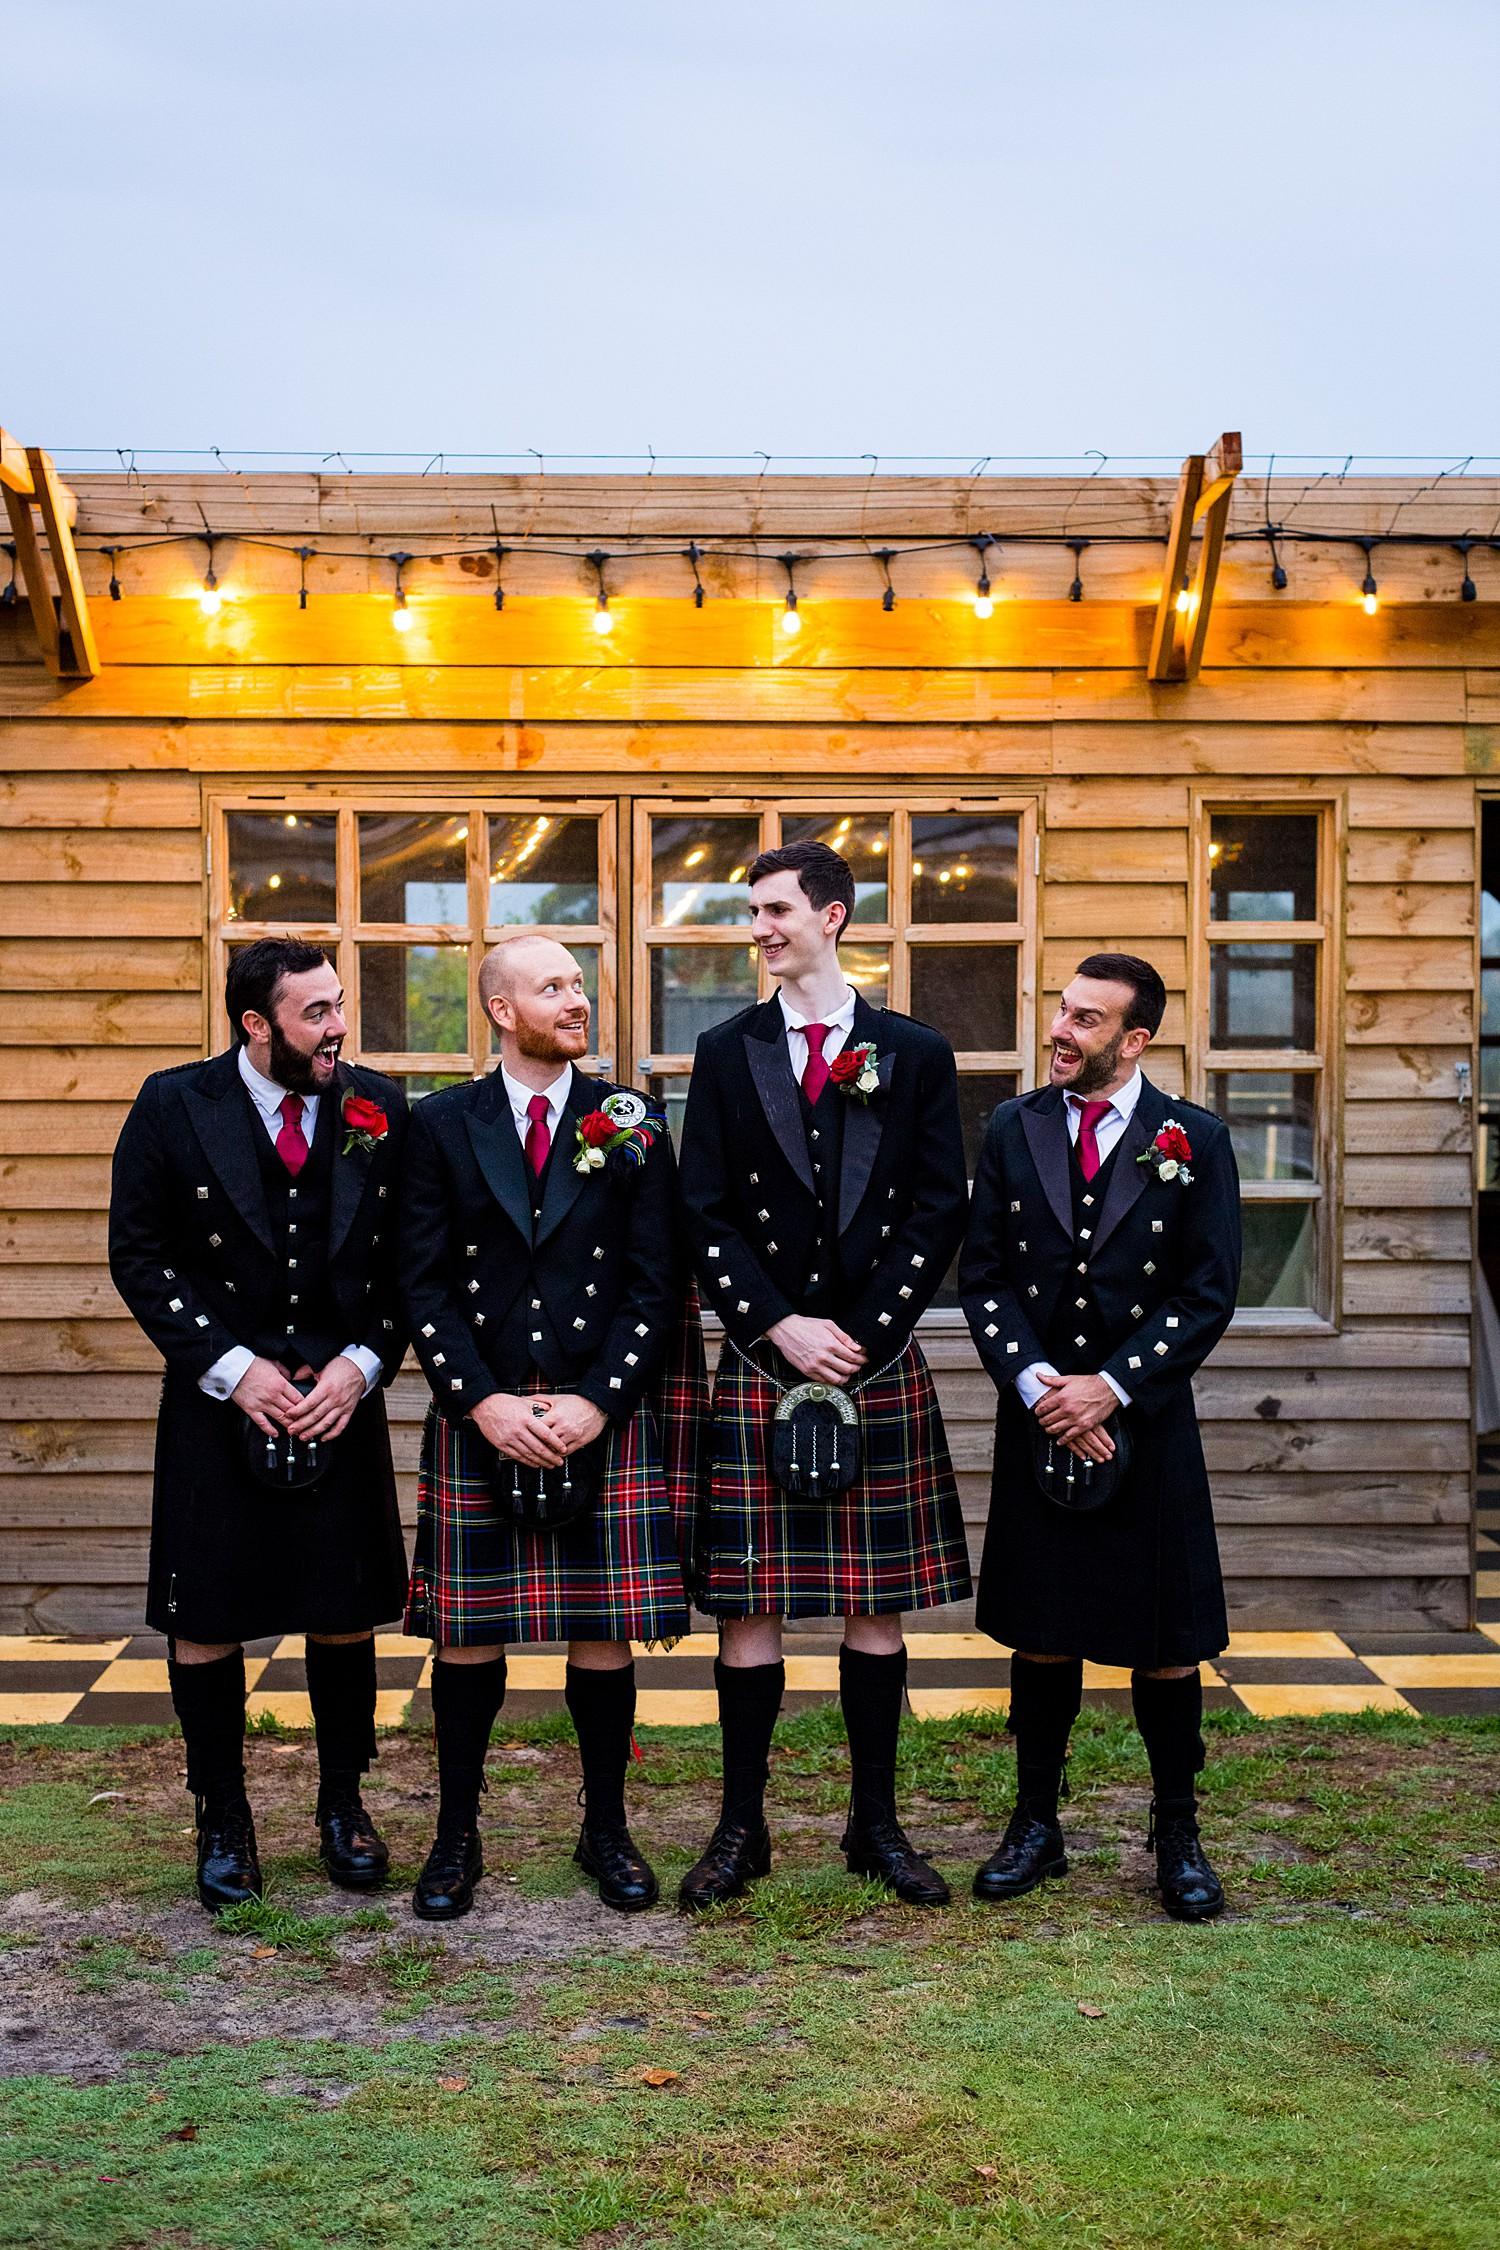 perth_swan_valley_scottish_rainy_wedding_0100.jpg